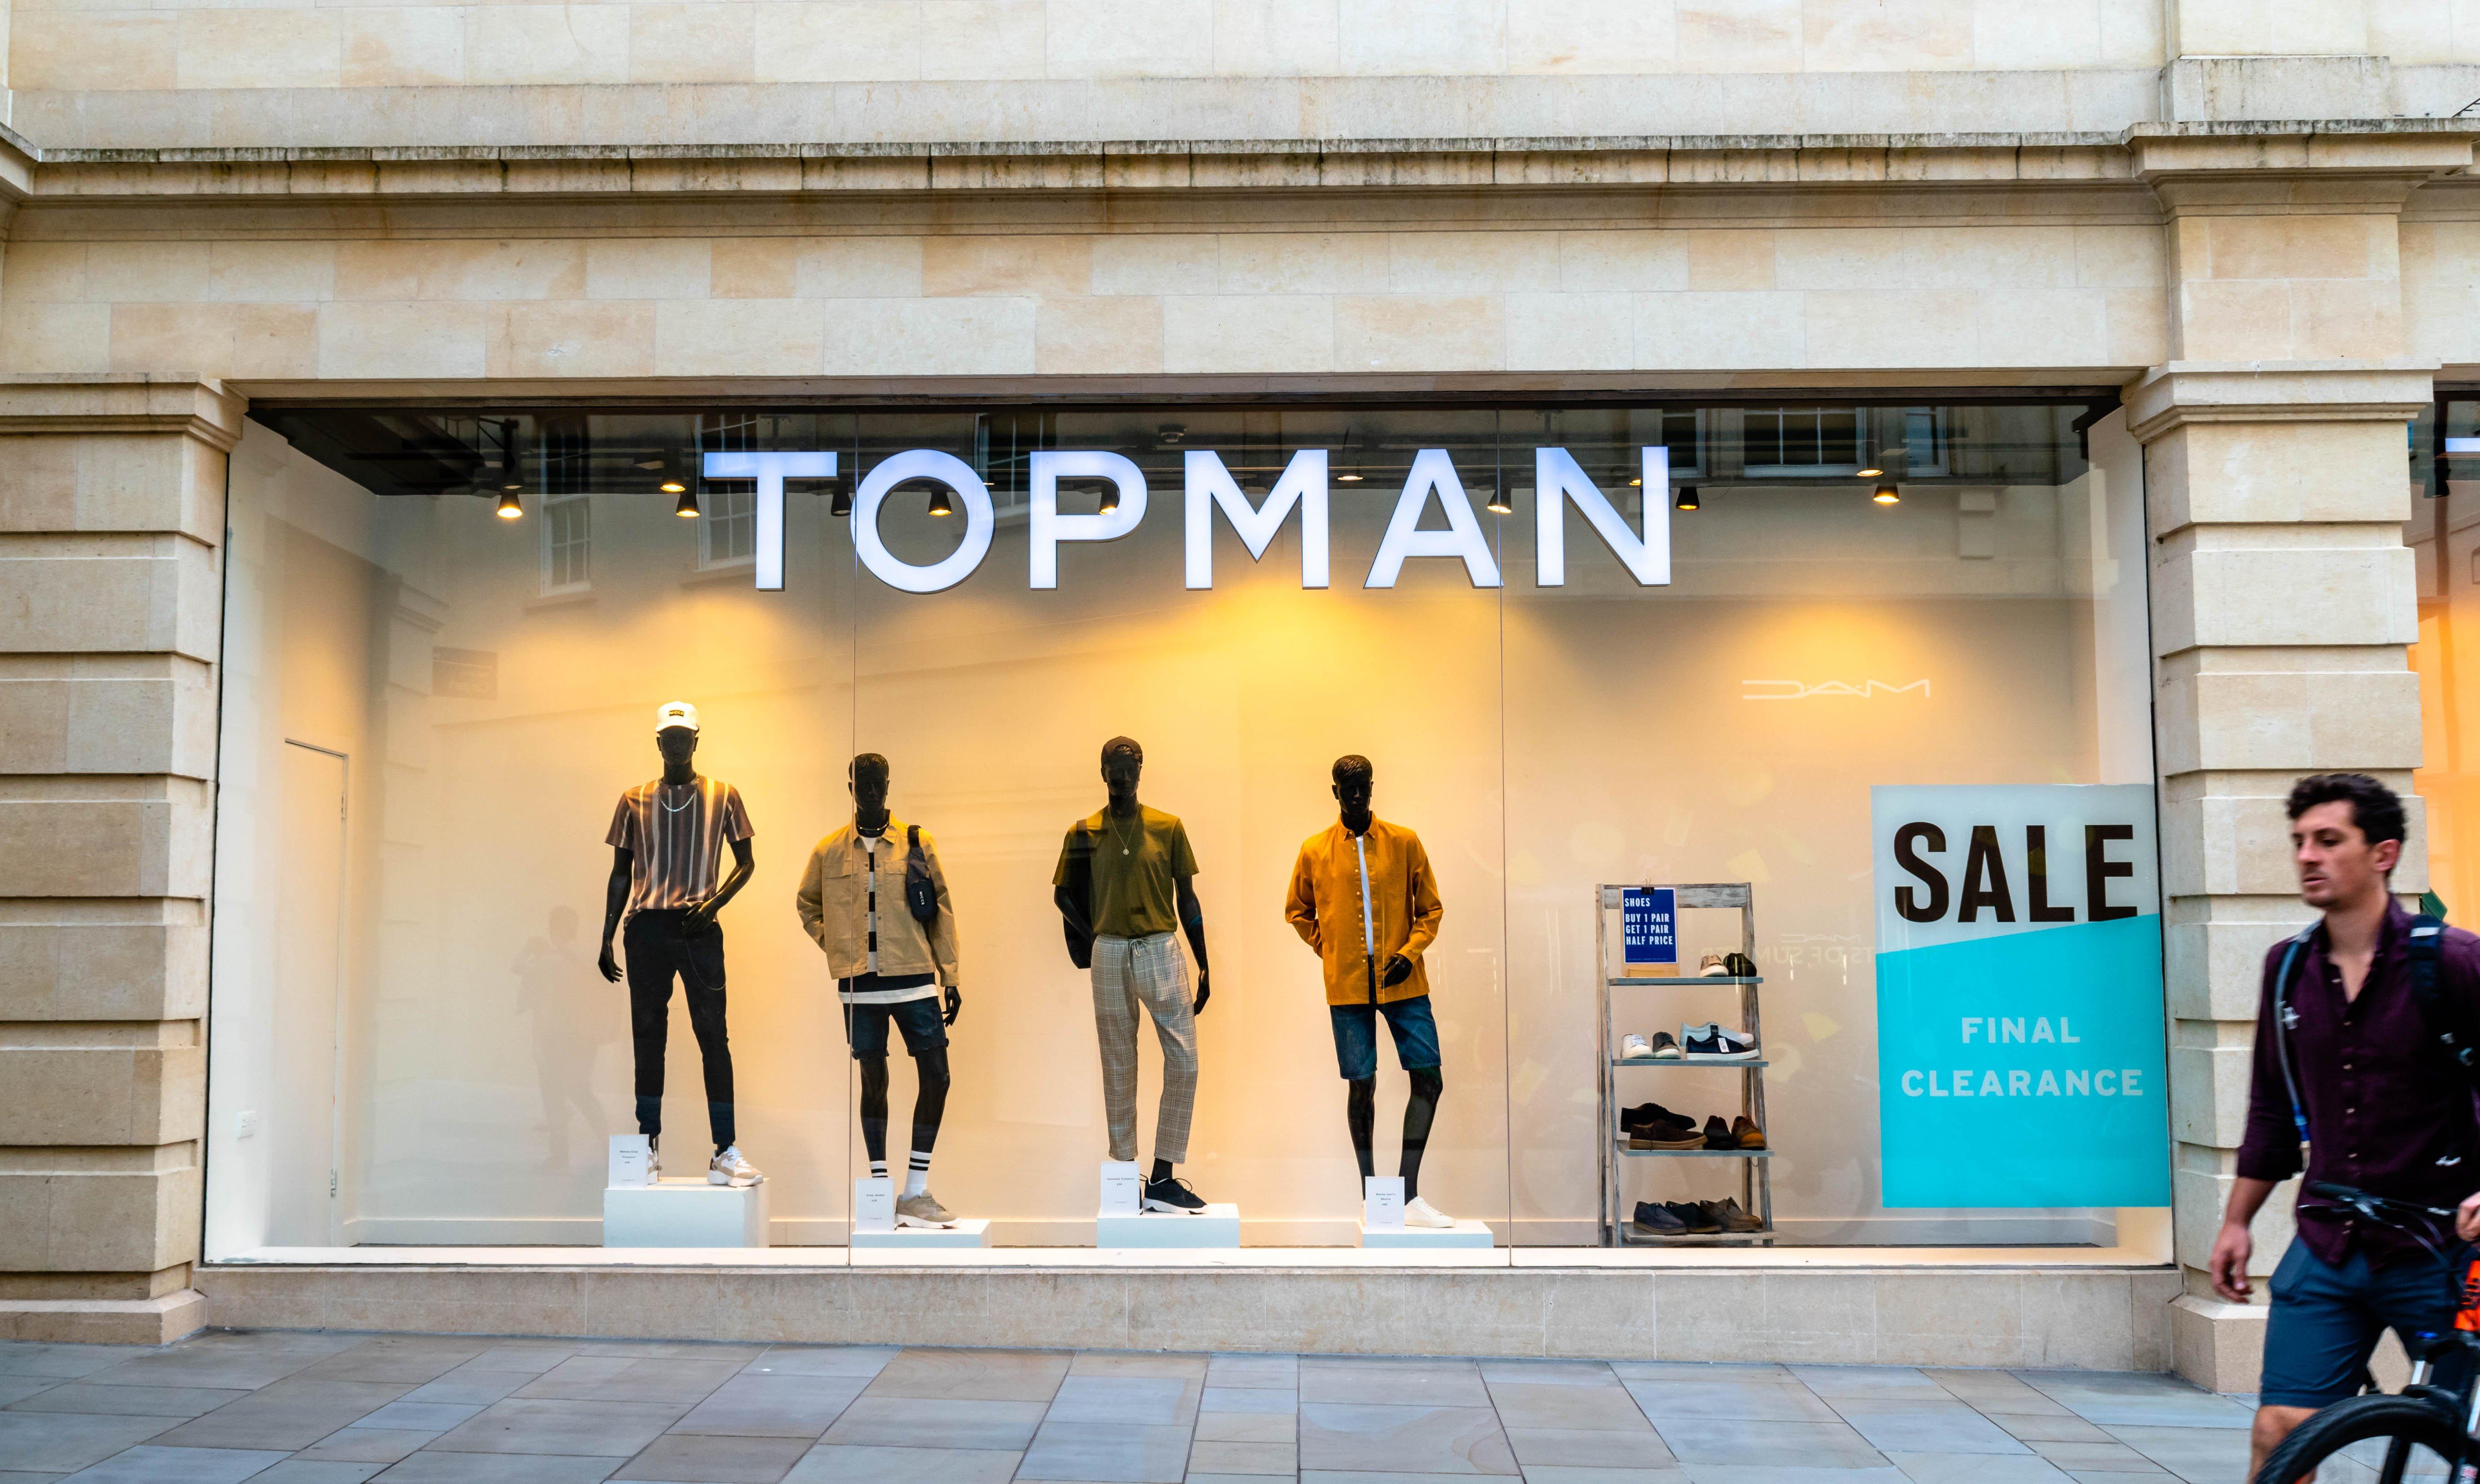 retail market research topman